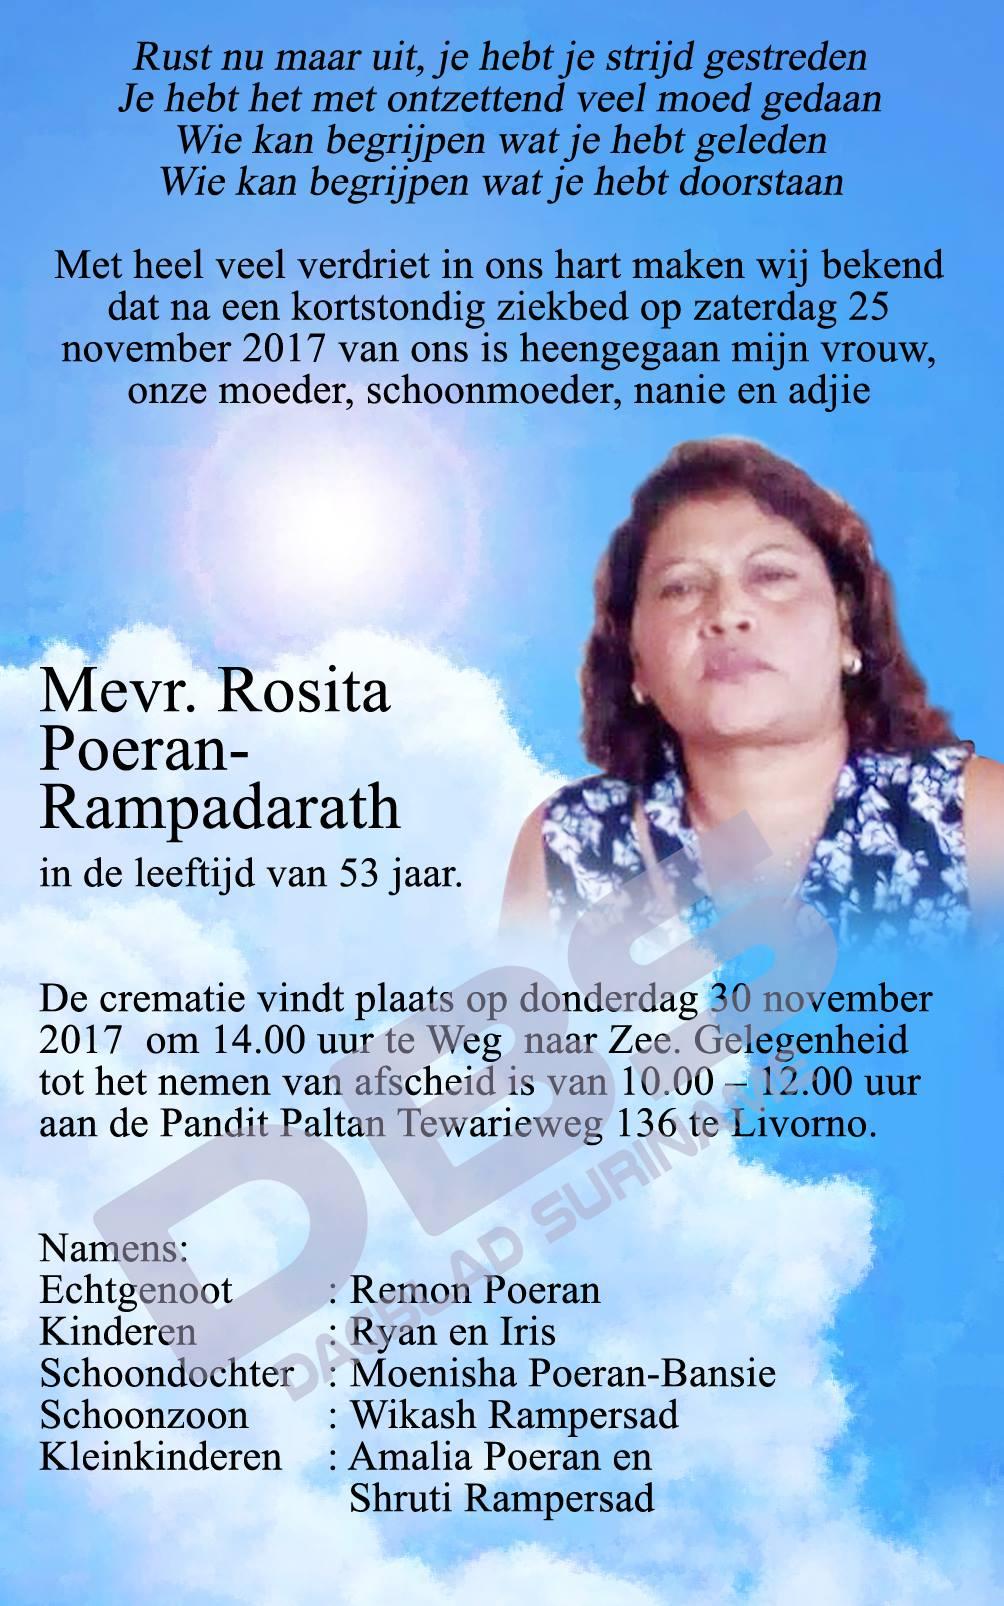 Geslaagd Poeran Suriname FamilieNieuws